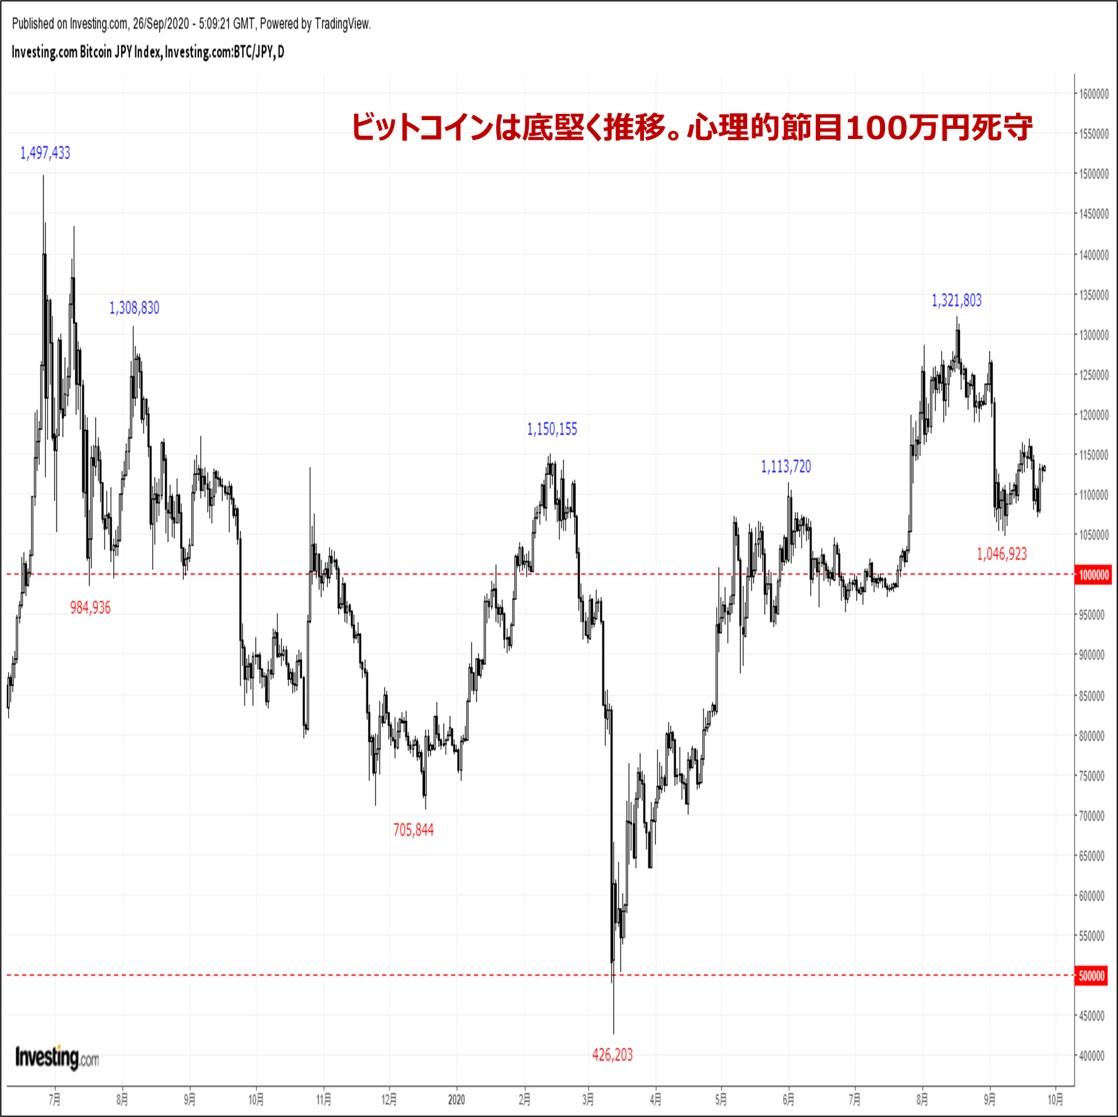 ビットコインの価格分析:『米ドル及び金・銀に振らされる展開。一巡後の下落リスクに要警戒』(9/26)